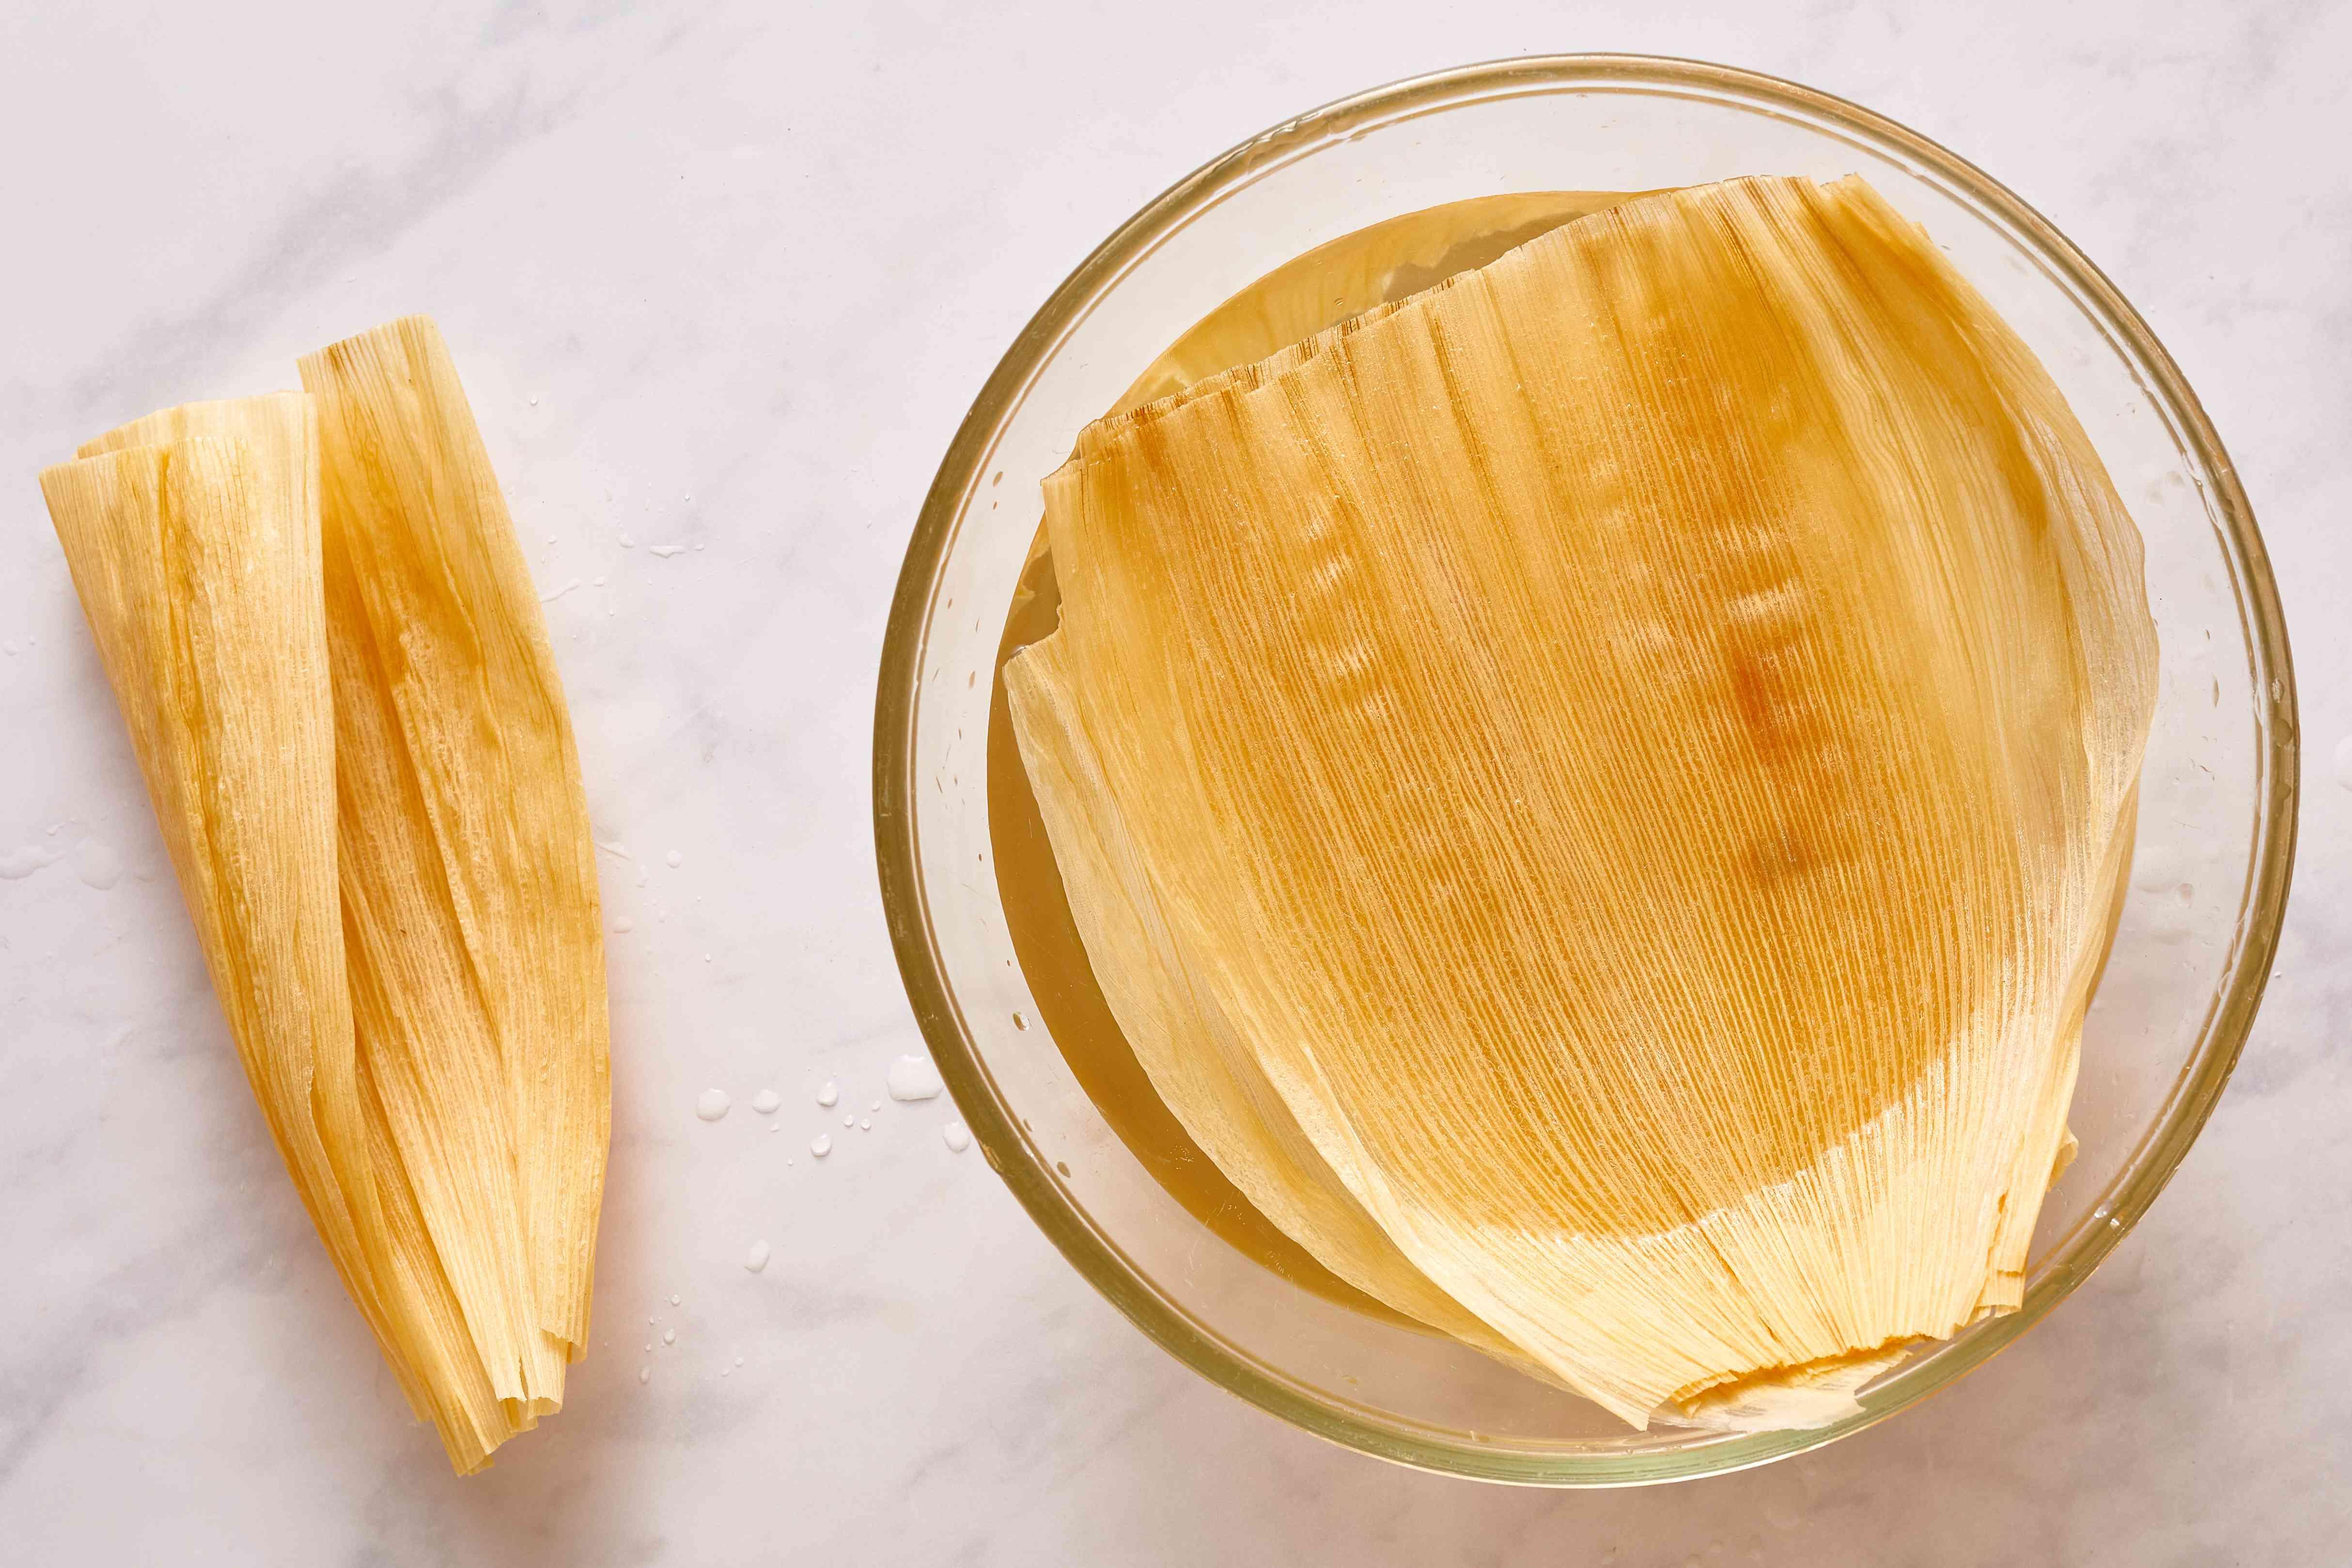 corn husks in water